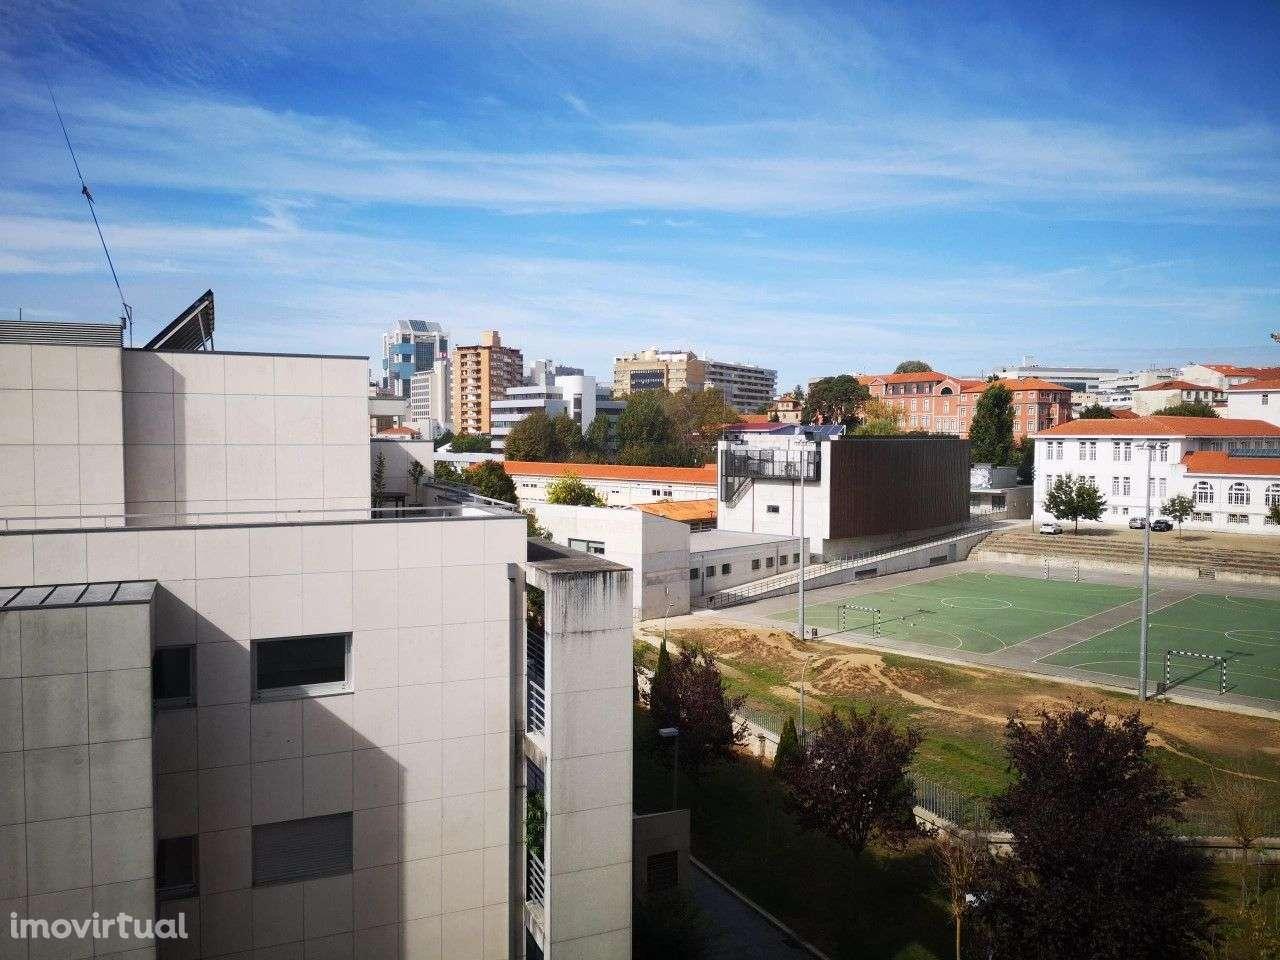 Apartamento para comprar, Rua Instituto de Cegos S Manuel, Cedofeita, Santo Ildefonso, Sé, Miragaia, São Nicolau e Vitória - Foto 14